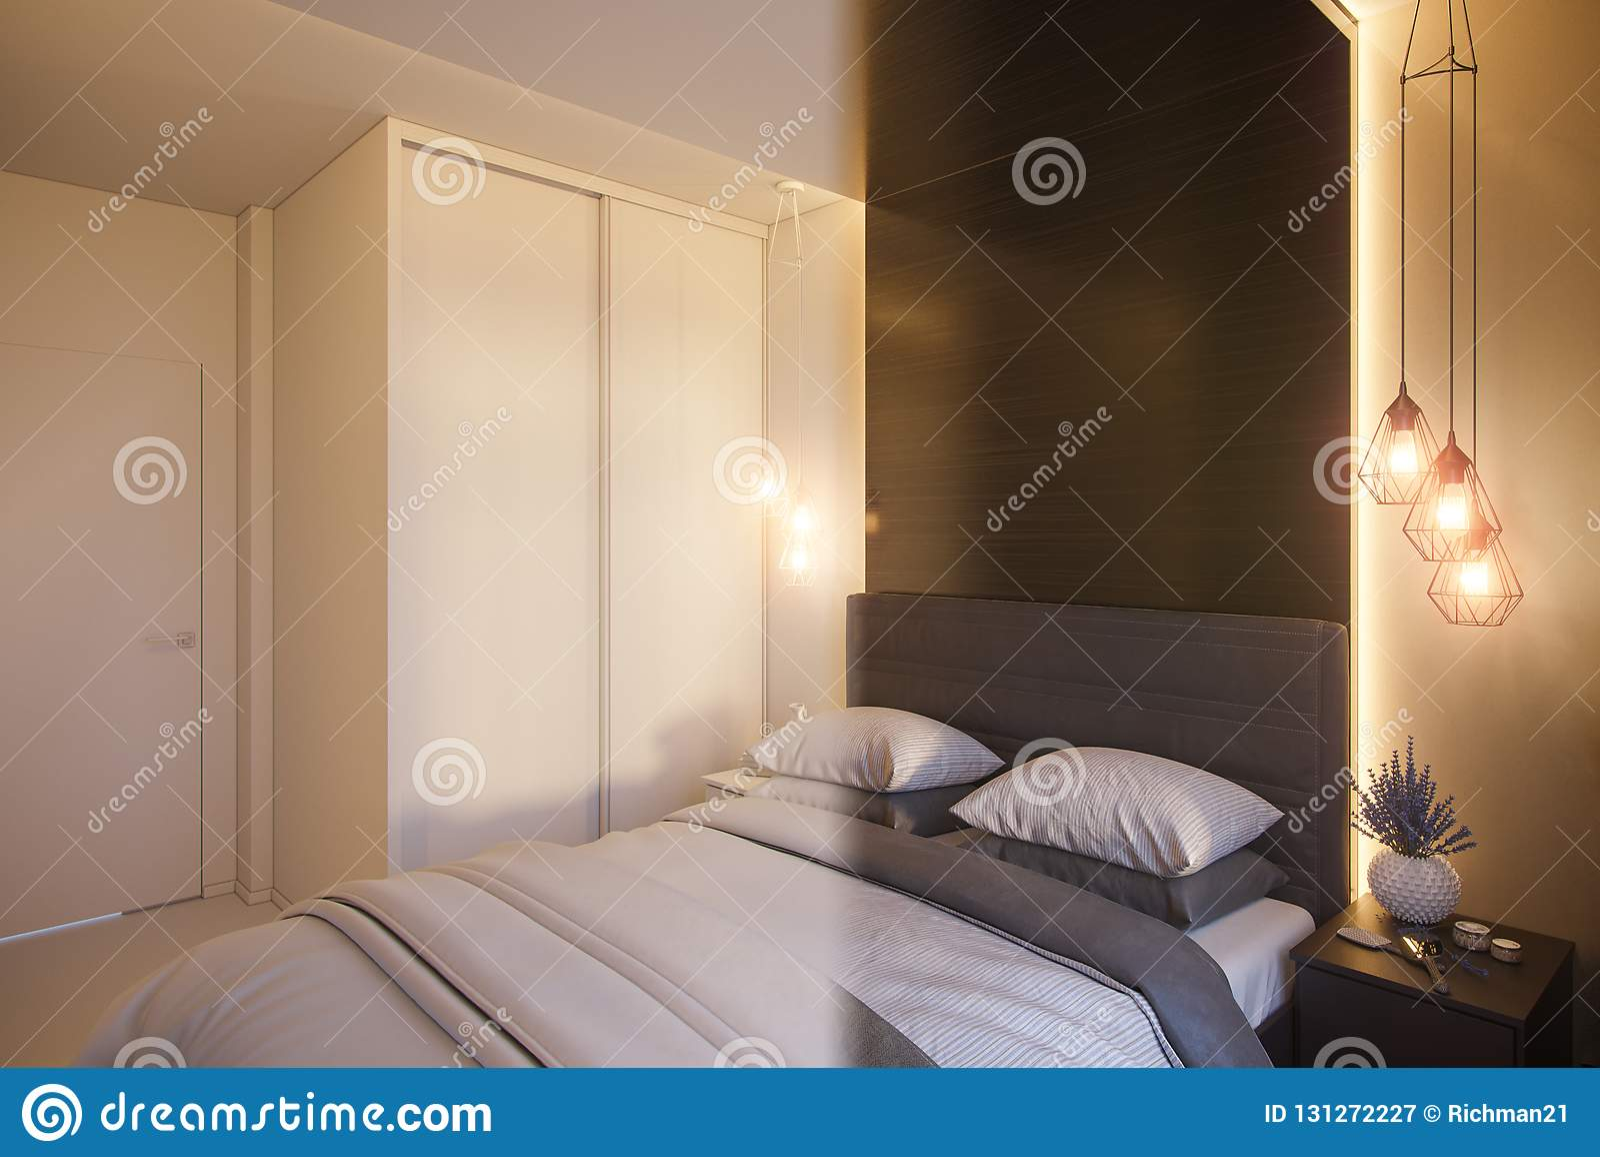 Camere Da Letto Design Minimalista : D rendono di un interior design di una camera da letto